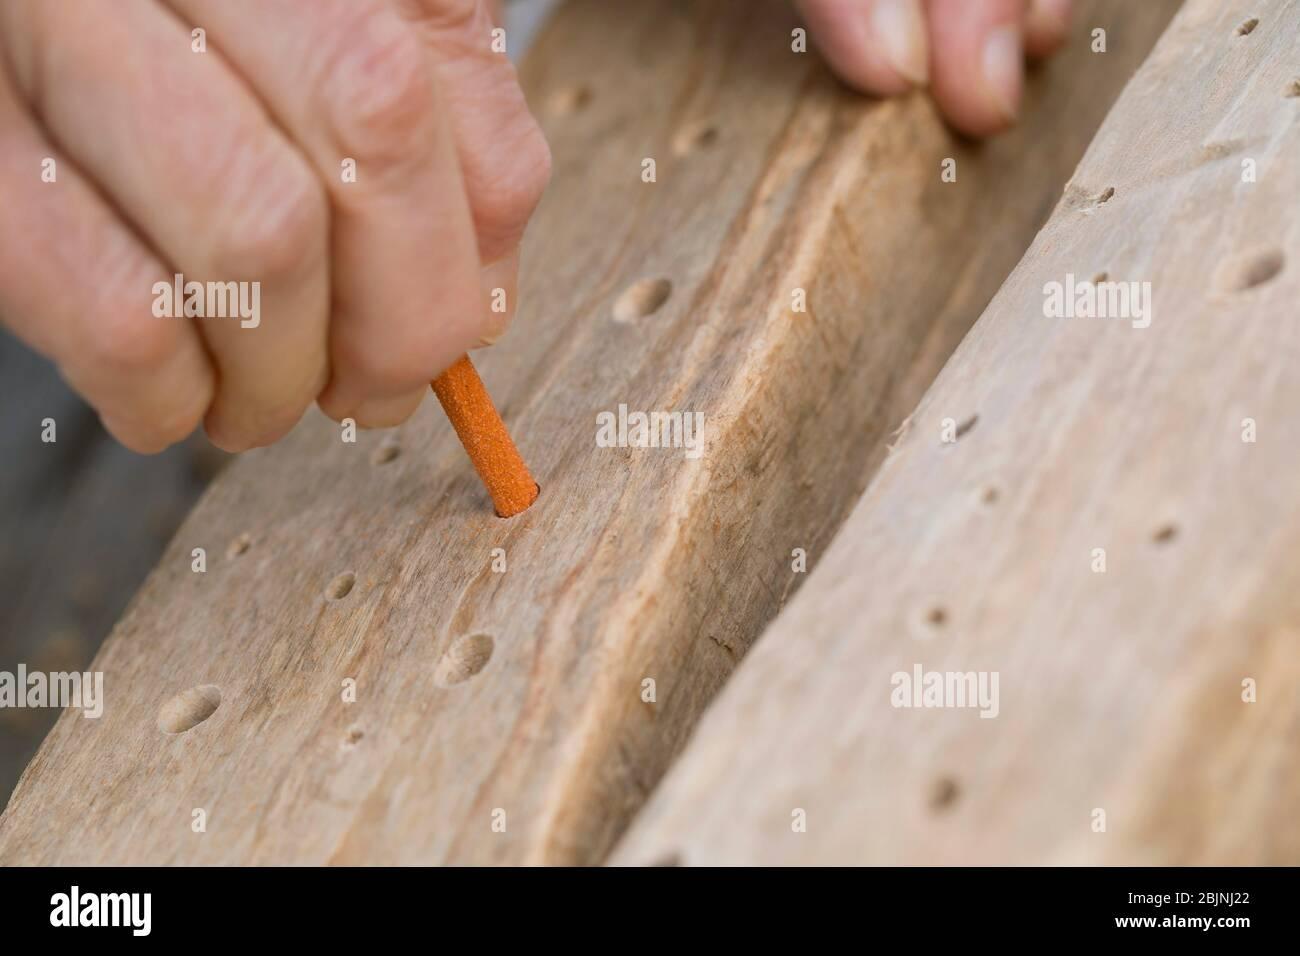 aide à la nidification pour les abeilles sauvages, lissant les trous dans le bois dur avec du papier émeri Banque D'Images